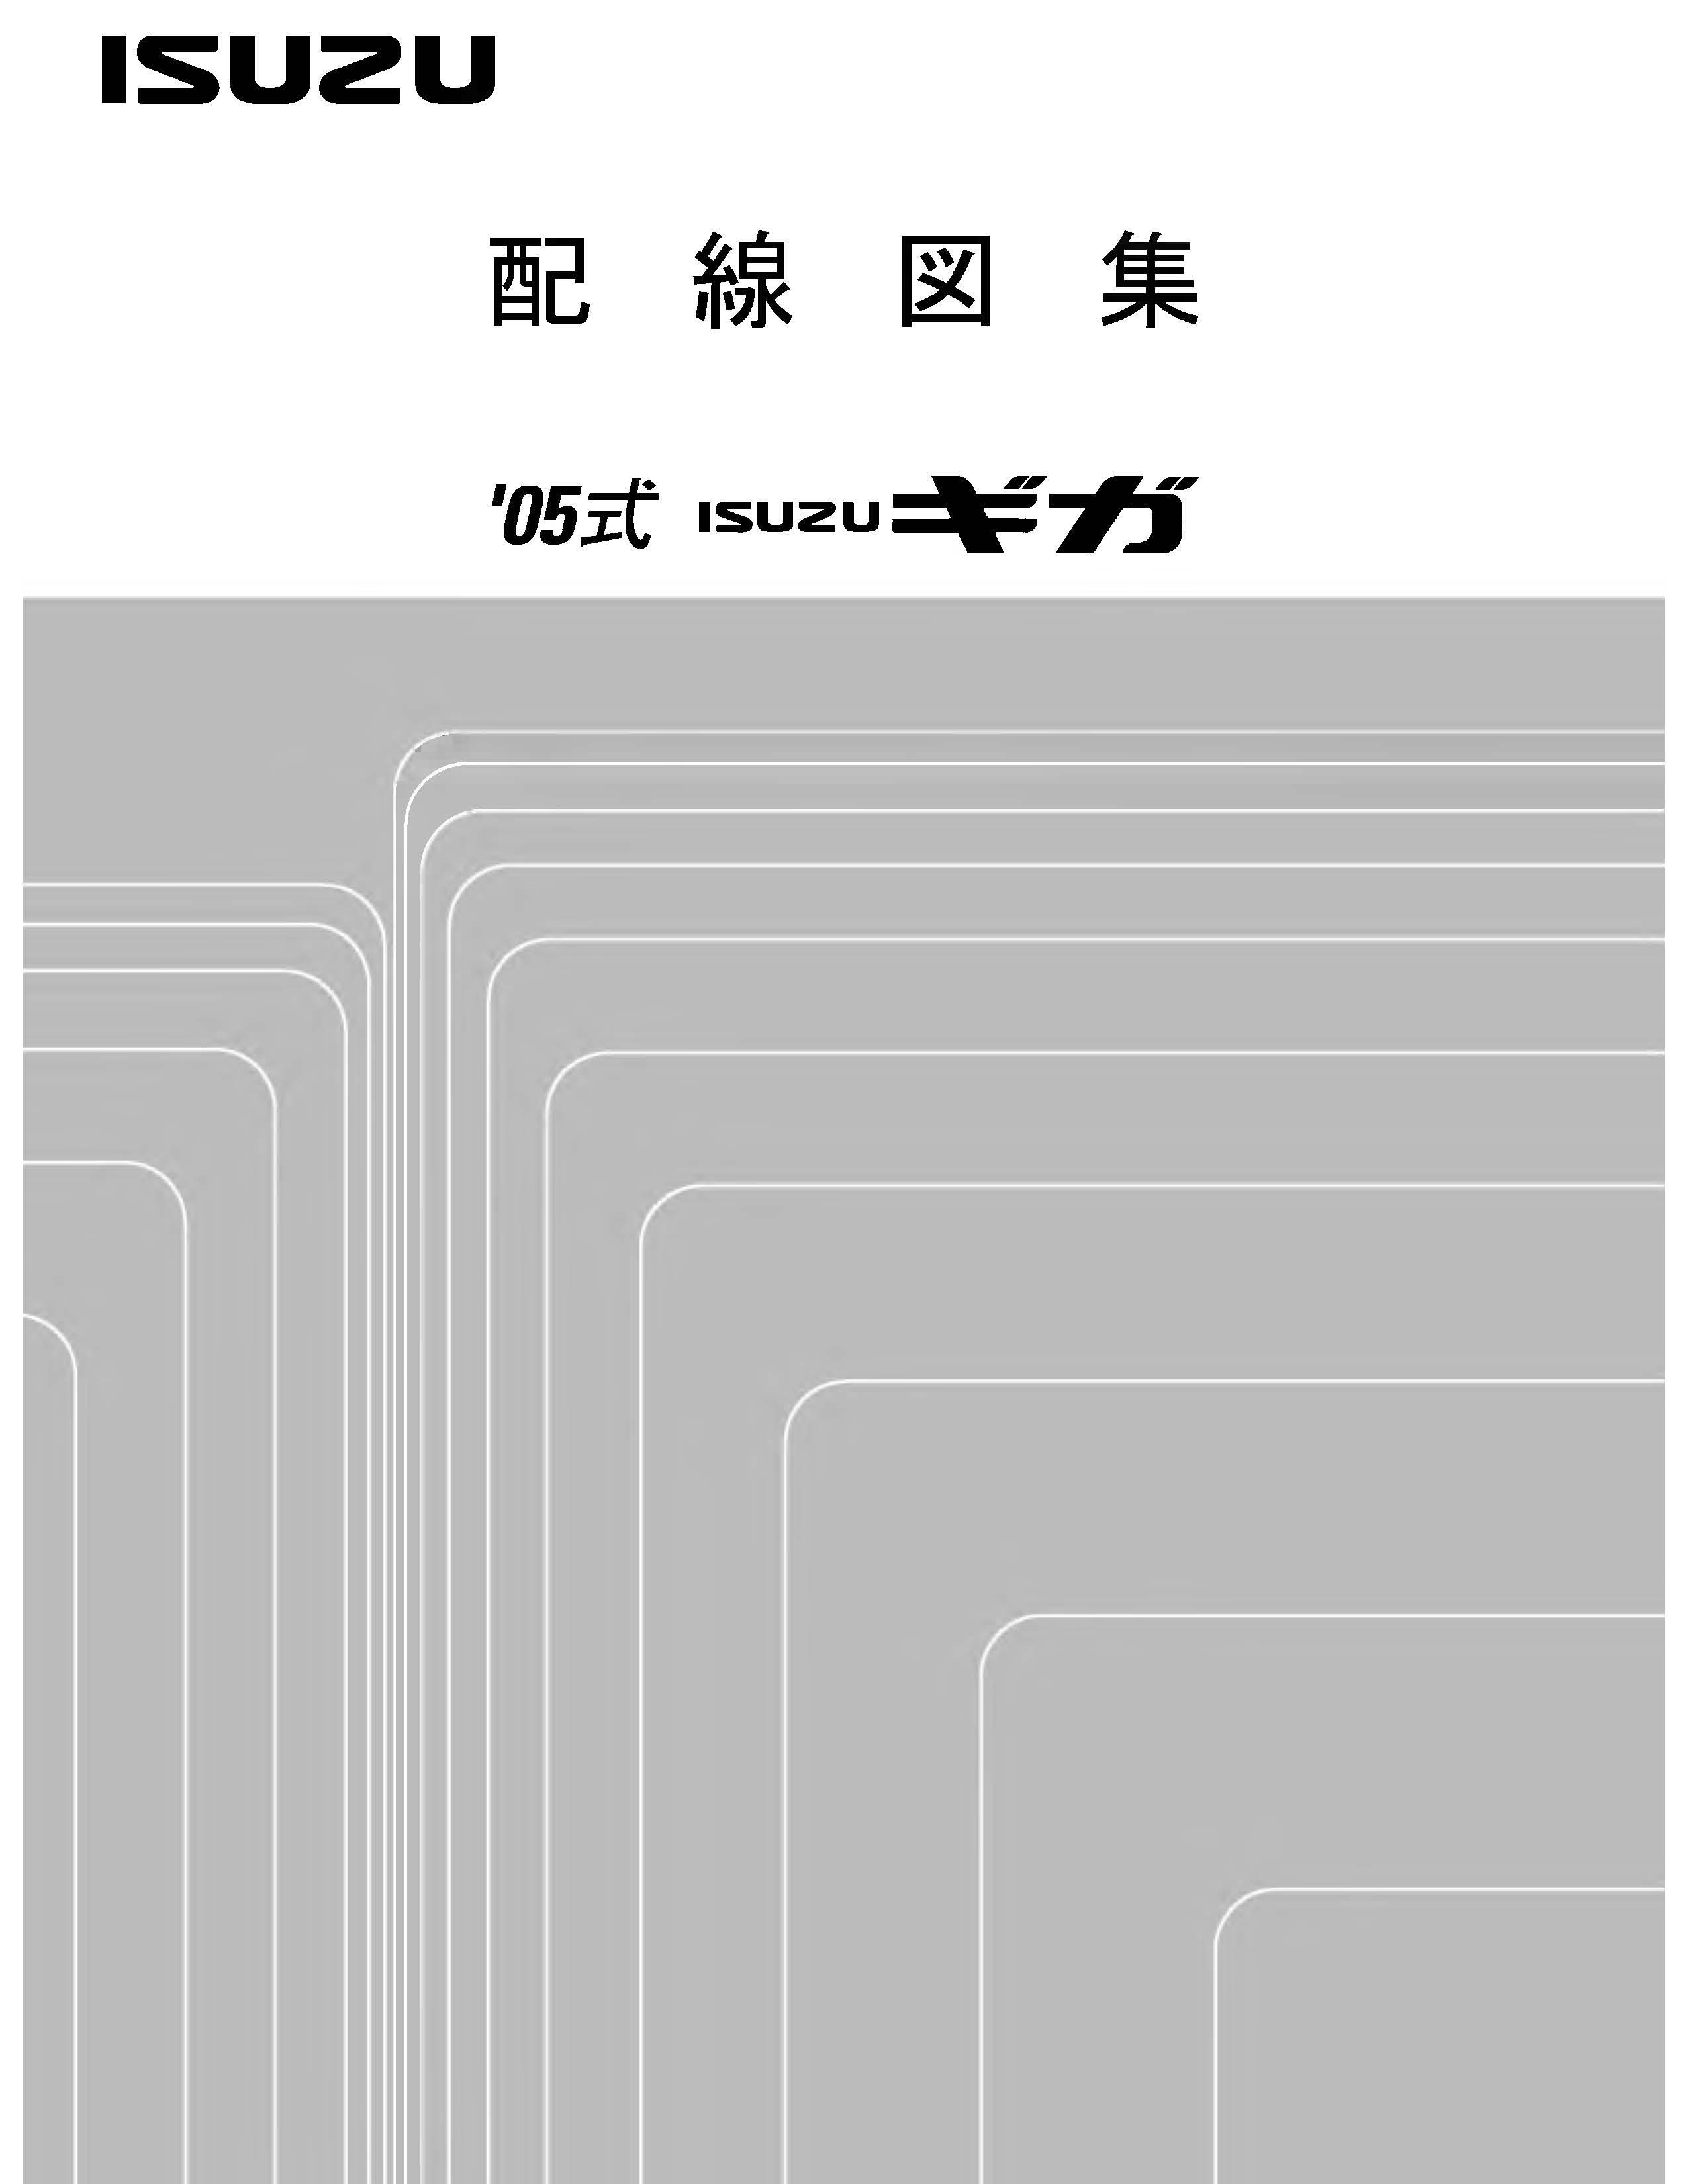 หนังสือ วงจรไฟฟ้า รถบรรทุก ISUZU GIGA ทั้งคัน เครื่องยนต์ 6WF1 ปี'04 เดือน8